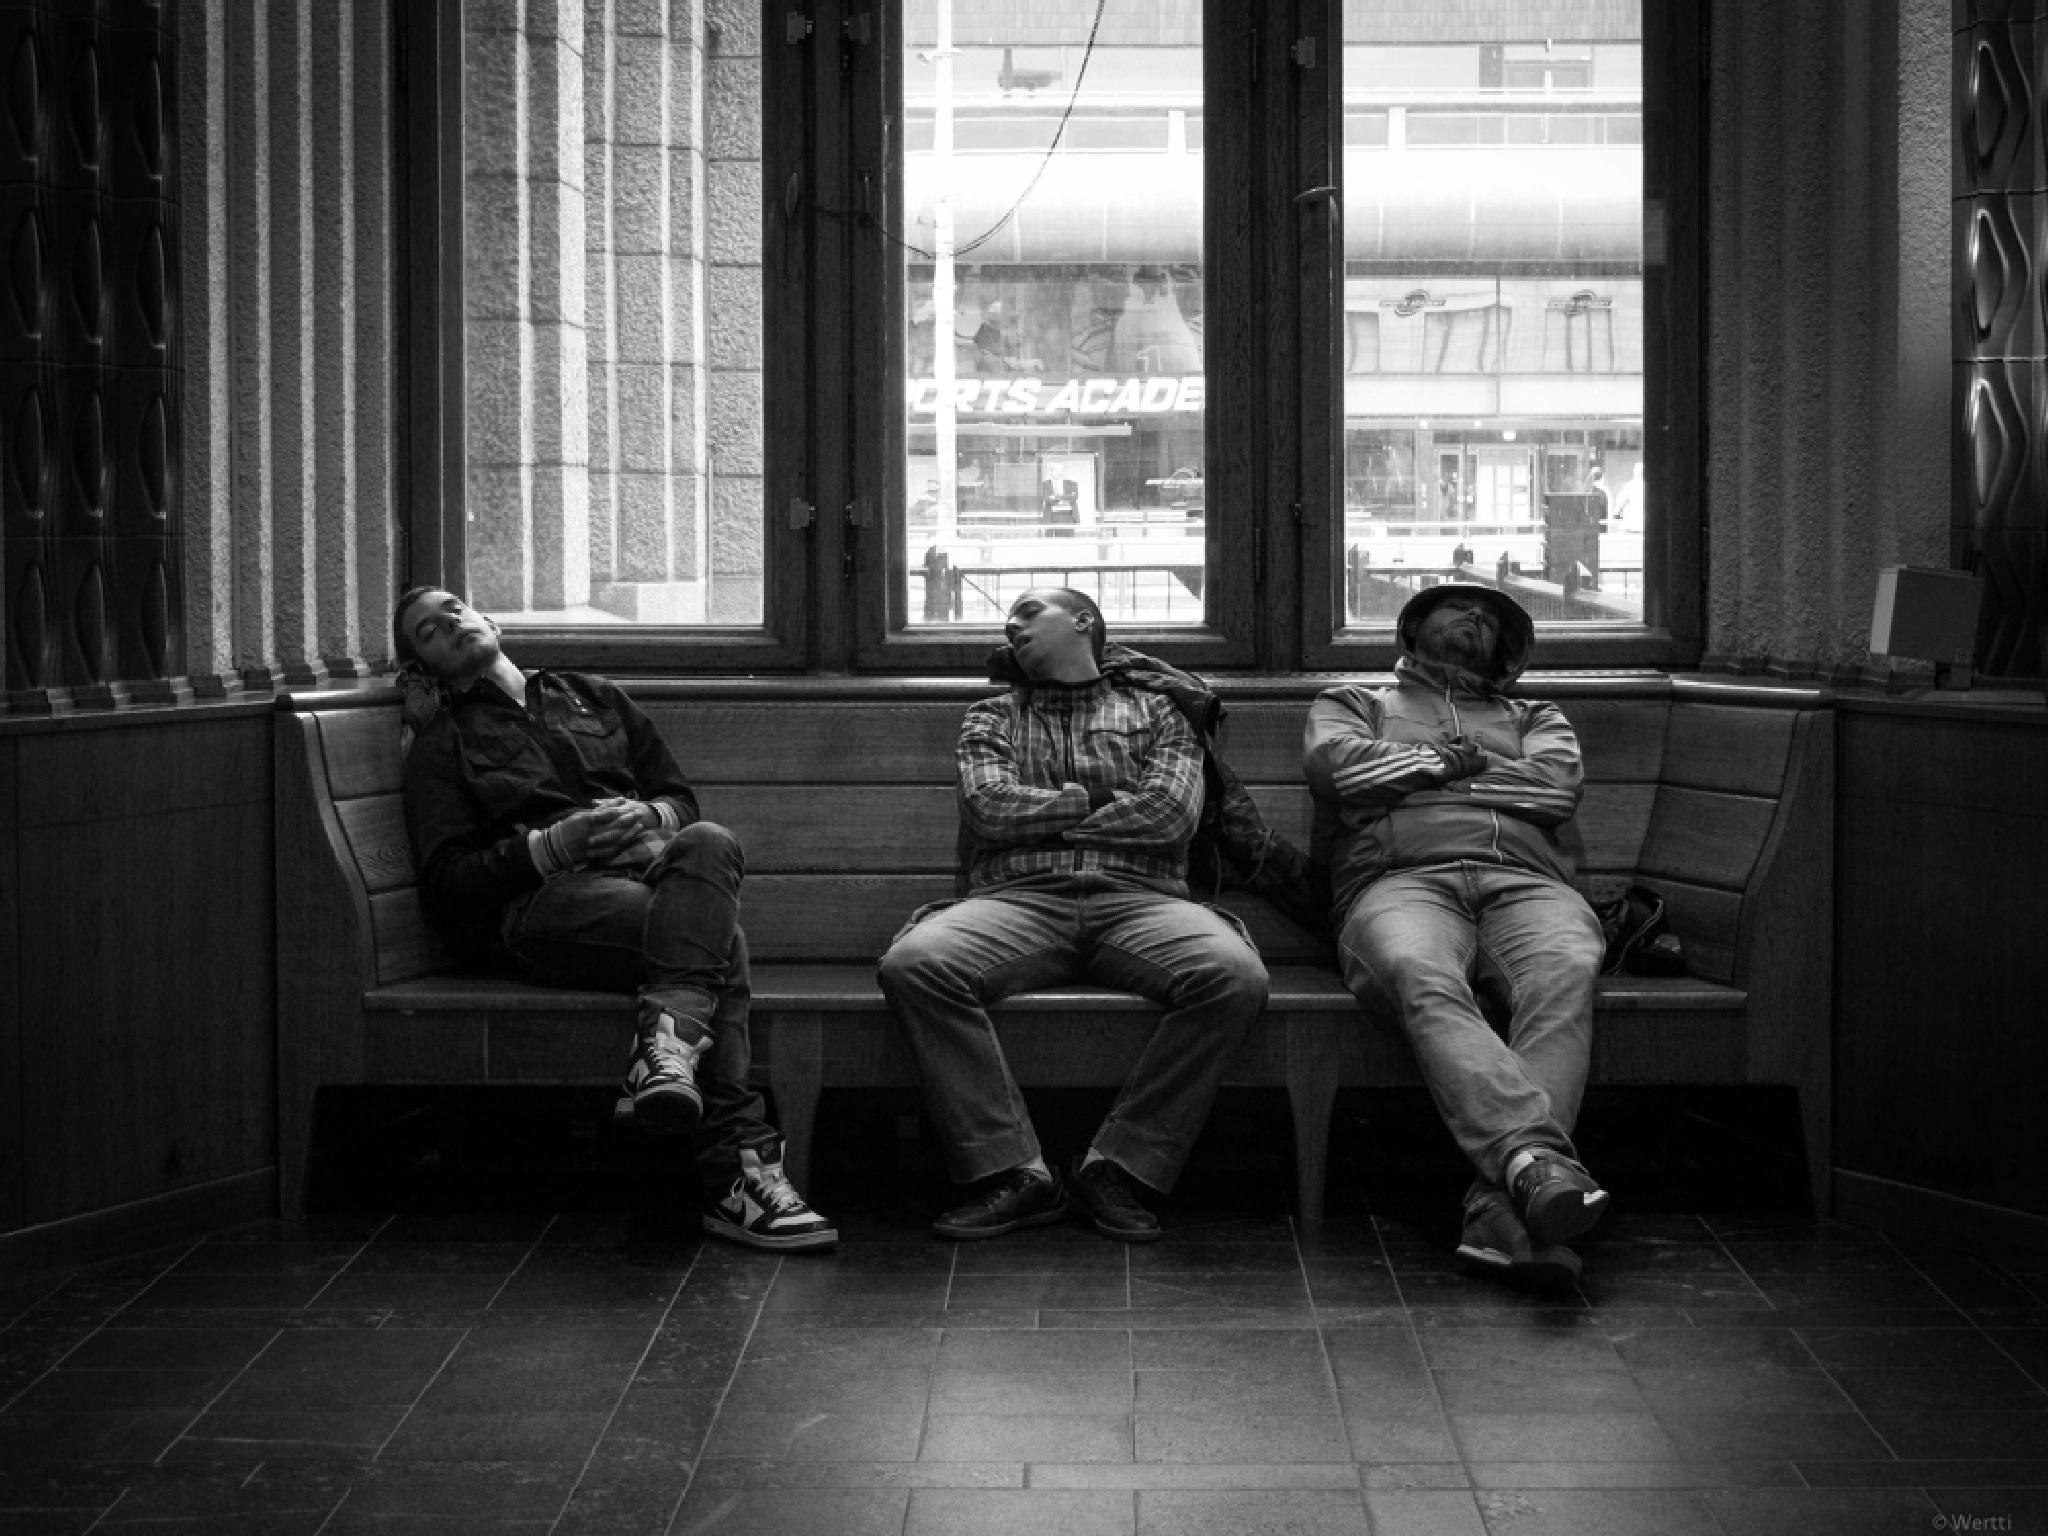 taking a nap #4 by wertti